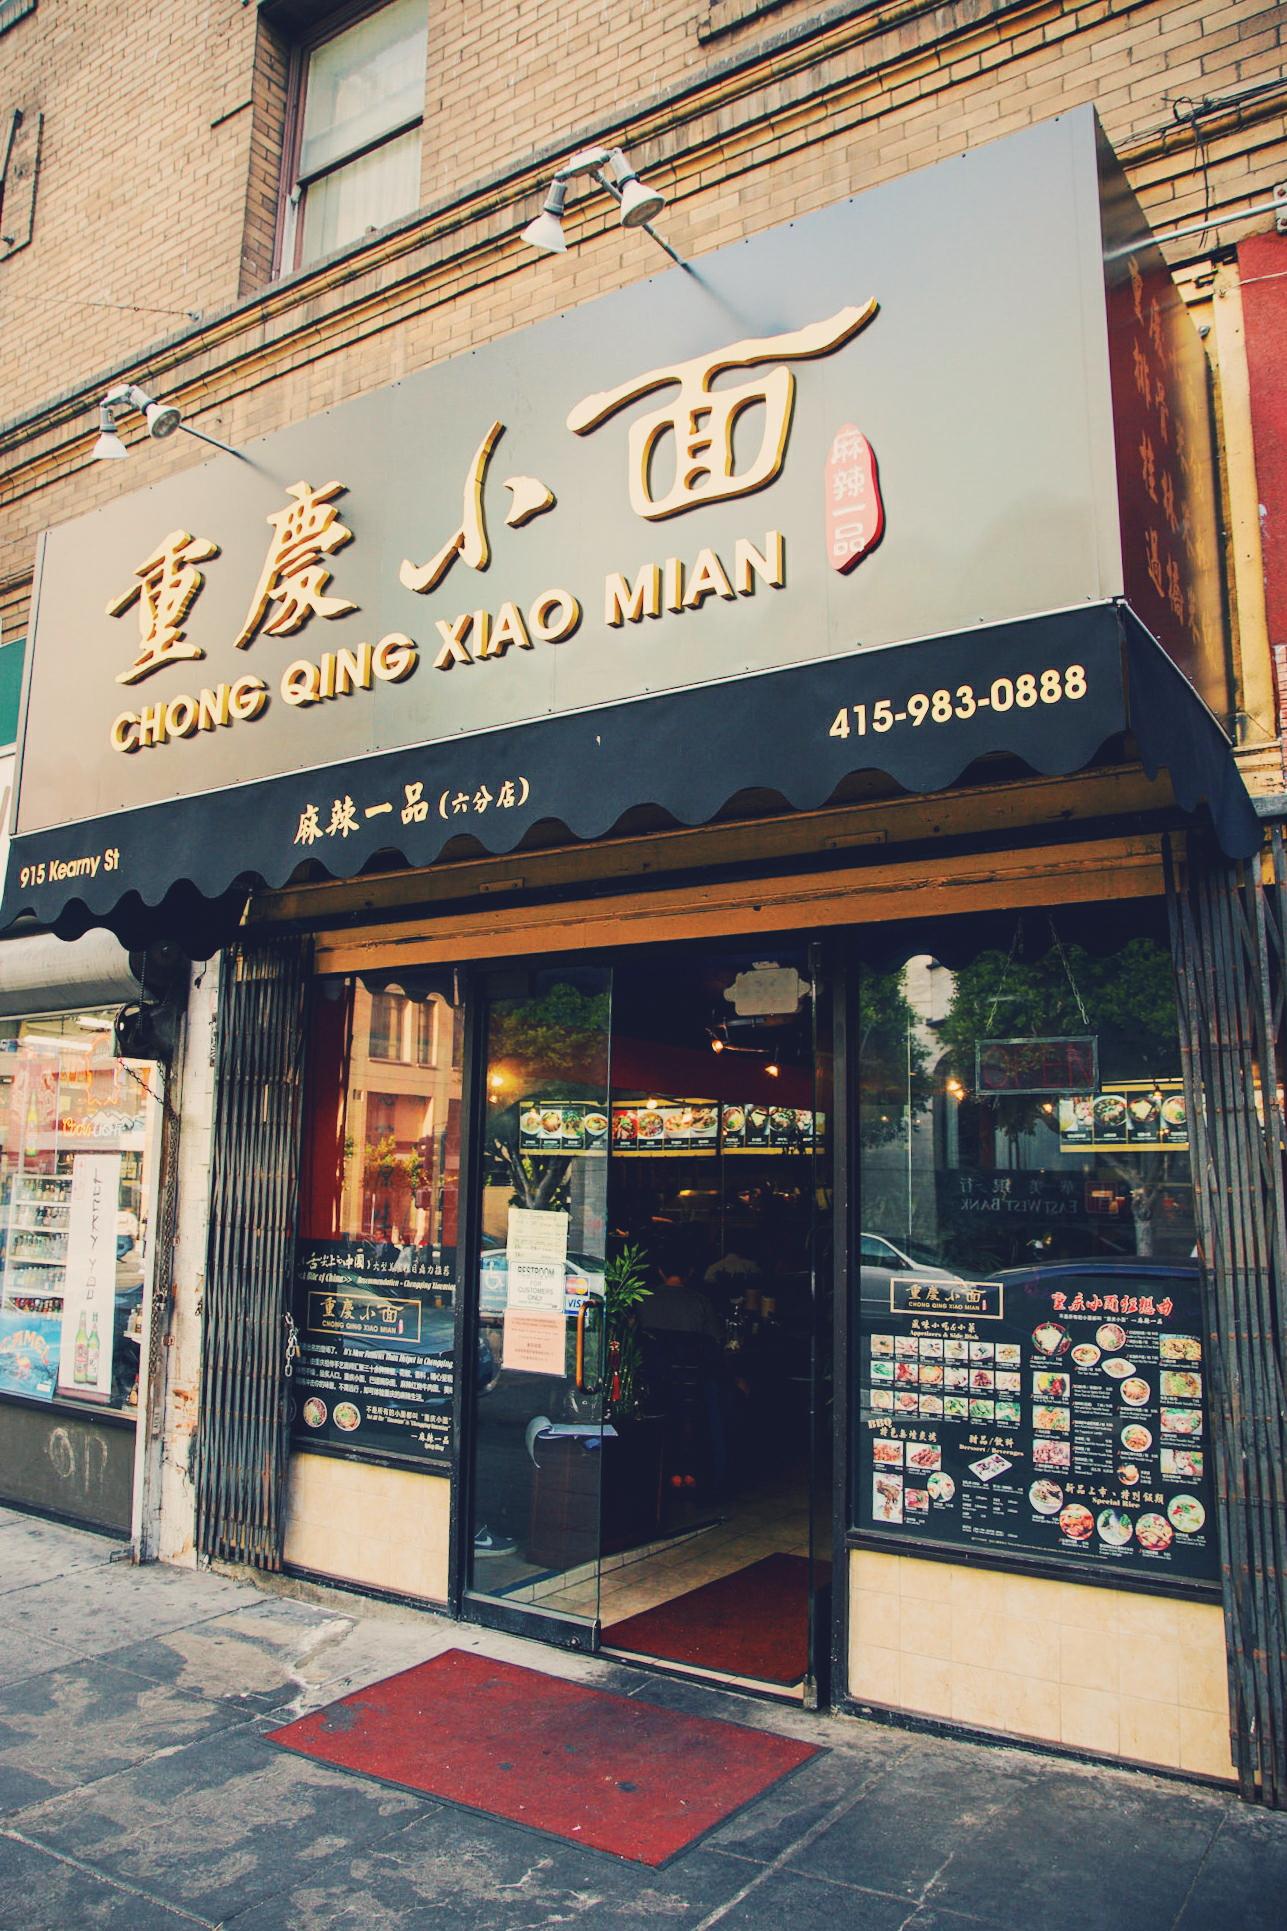 重庆小面 (Chongqing Noodles)